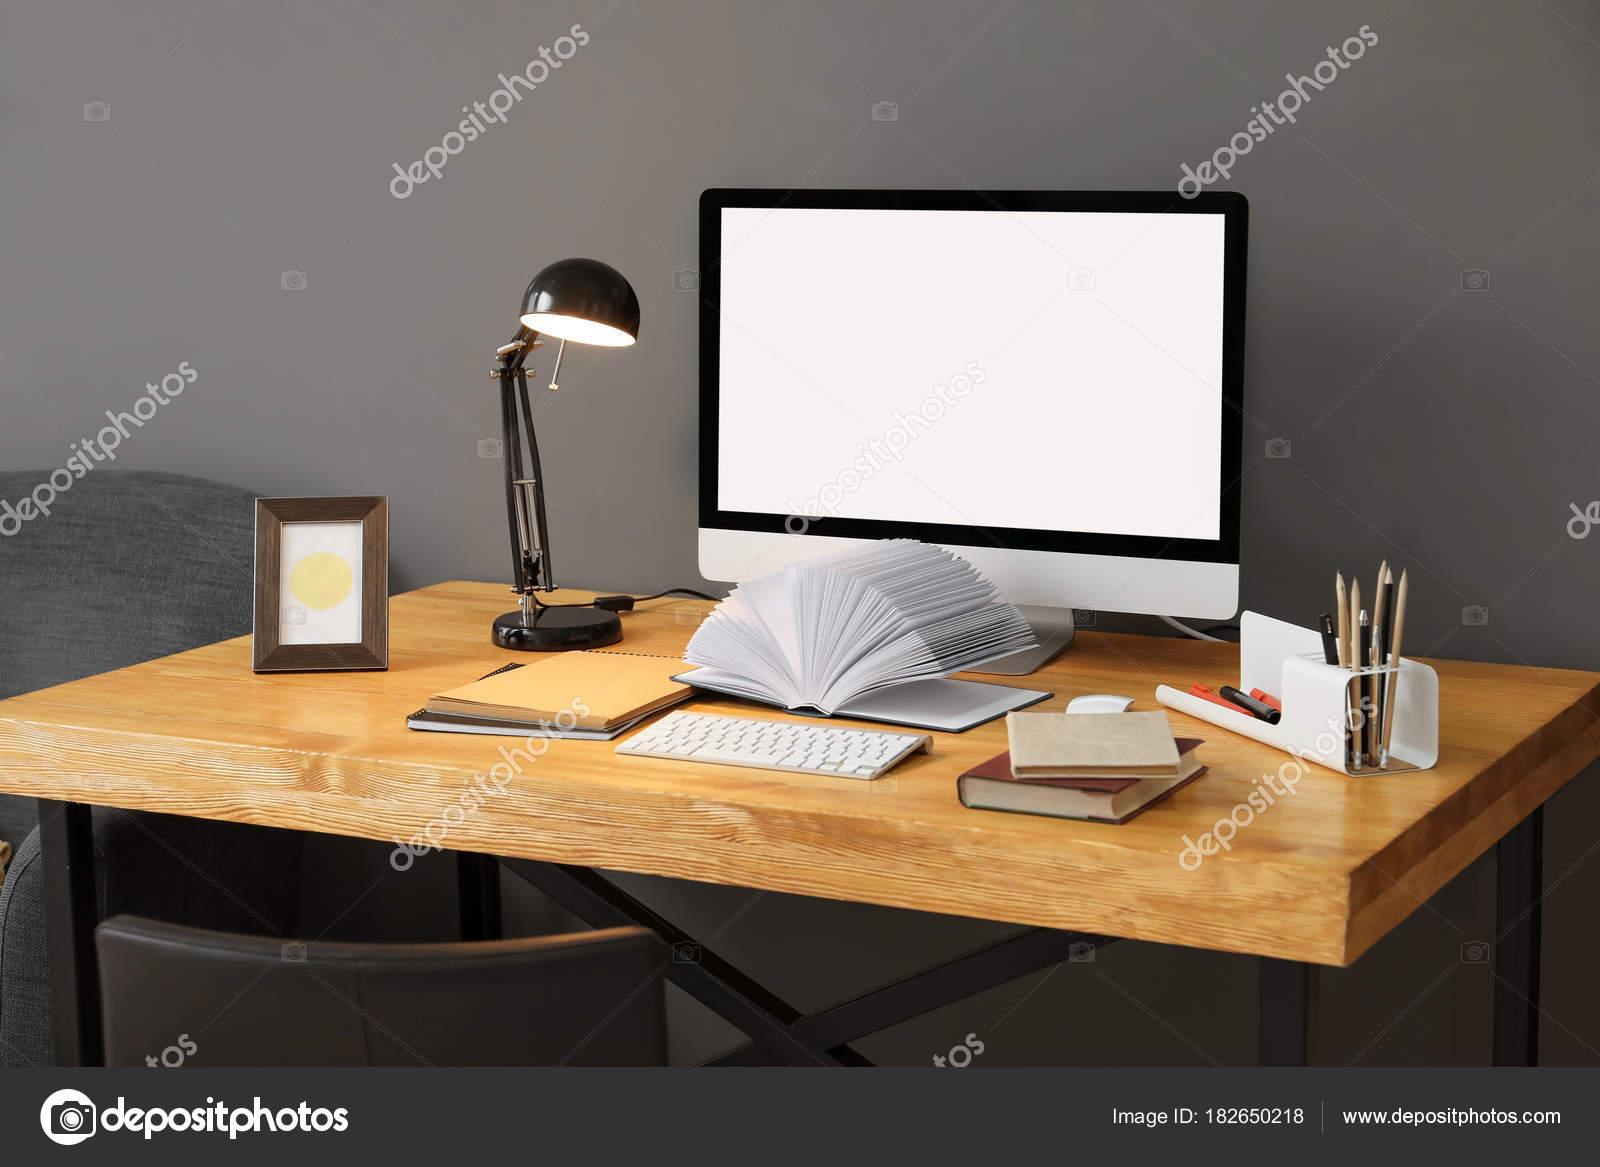 Confortable maison travail avec ordinateur sur bureau